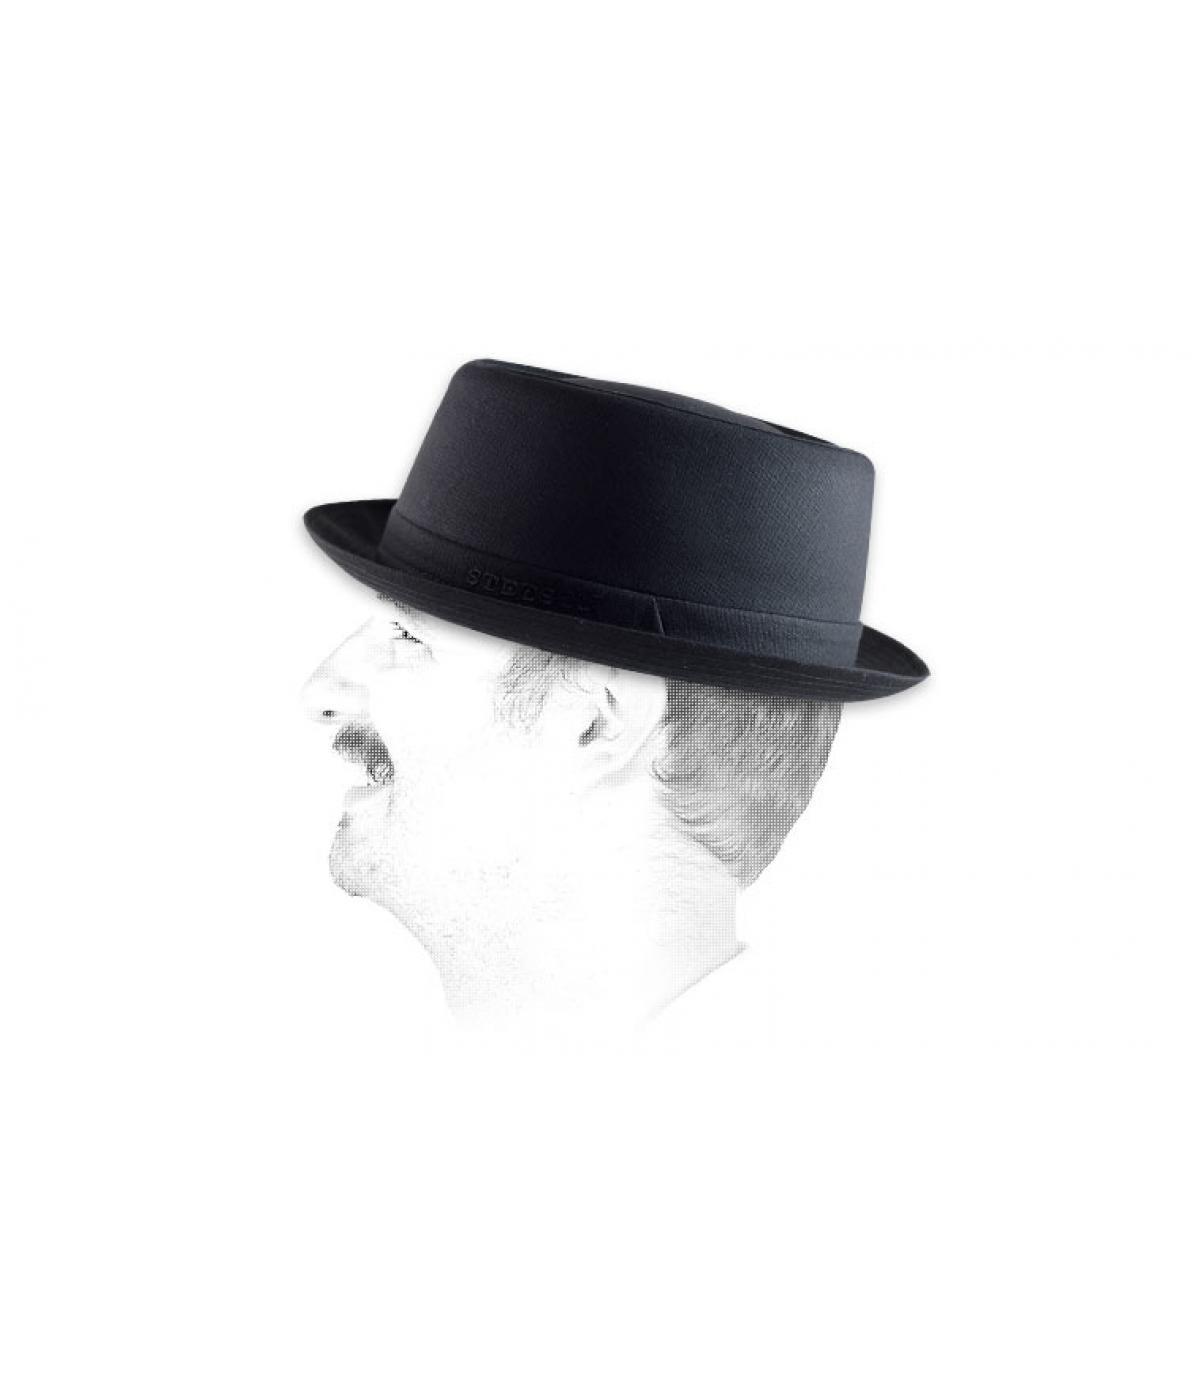 Sombrero athens stetson - Athens black de Stetson. Headict 8aaff26451d